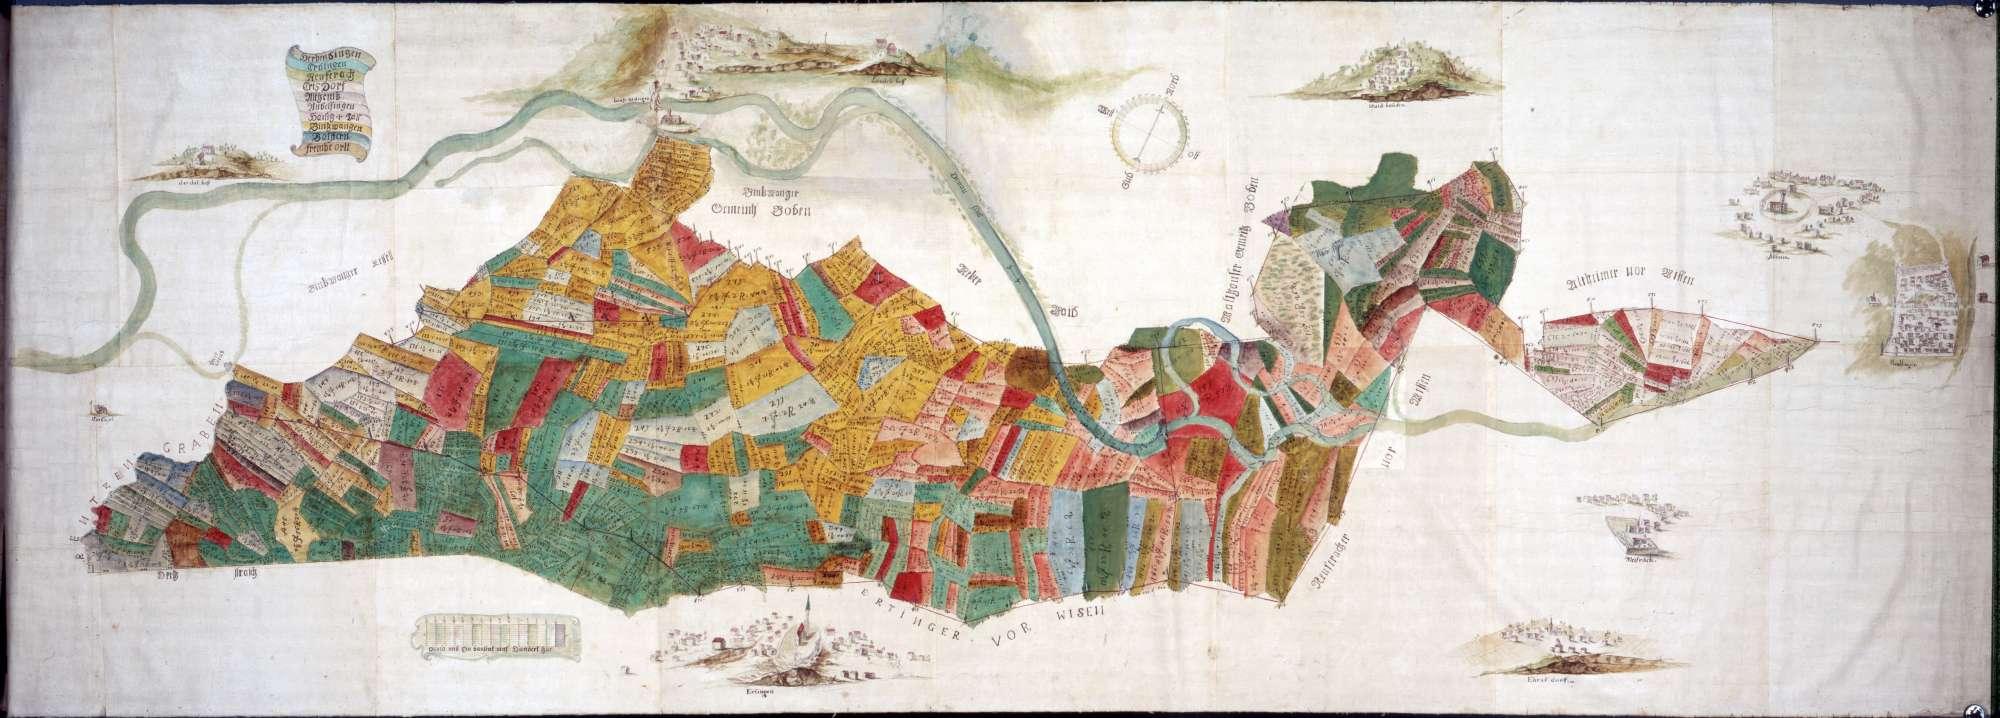 Karte des Breitriedes (sw. Riedlingen) Mit Ortsansichten Riedlingen, Neufrach, Ehrisdorf und Waldhausen Maßstab ca. 1 : 27000 col. handgez., Bild 1